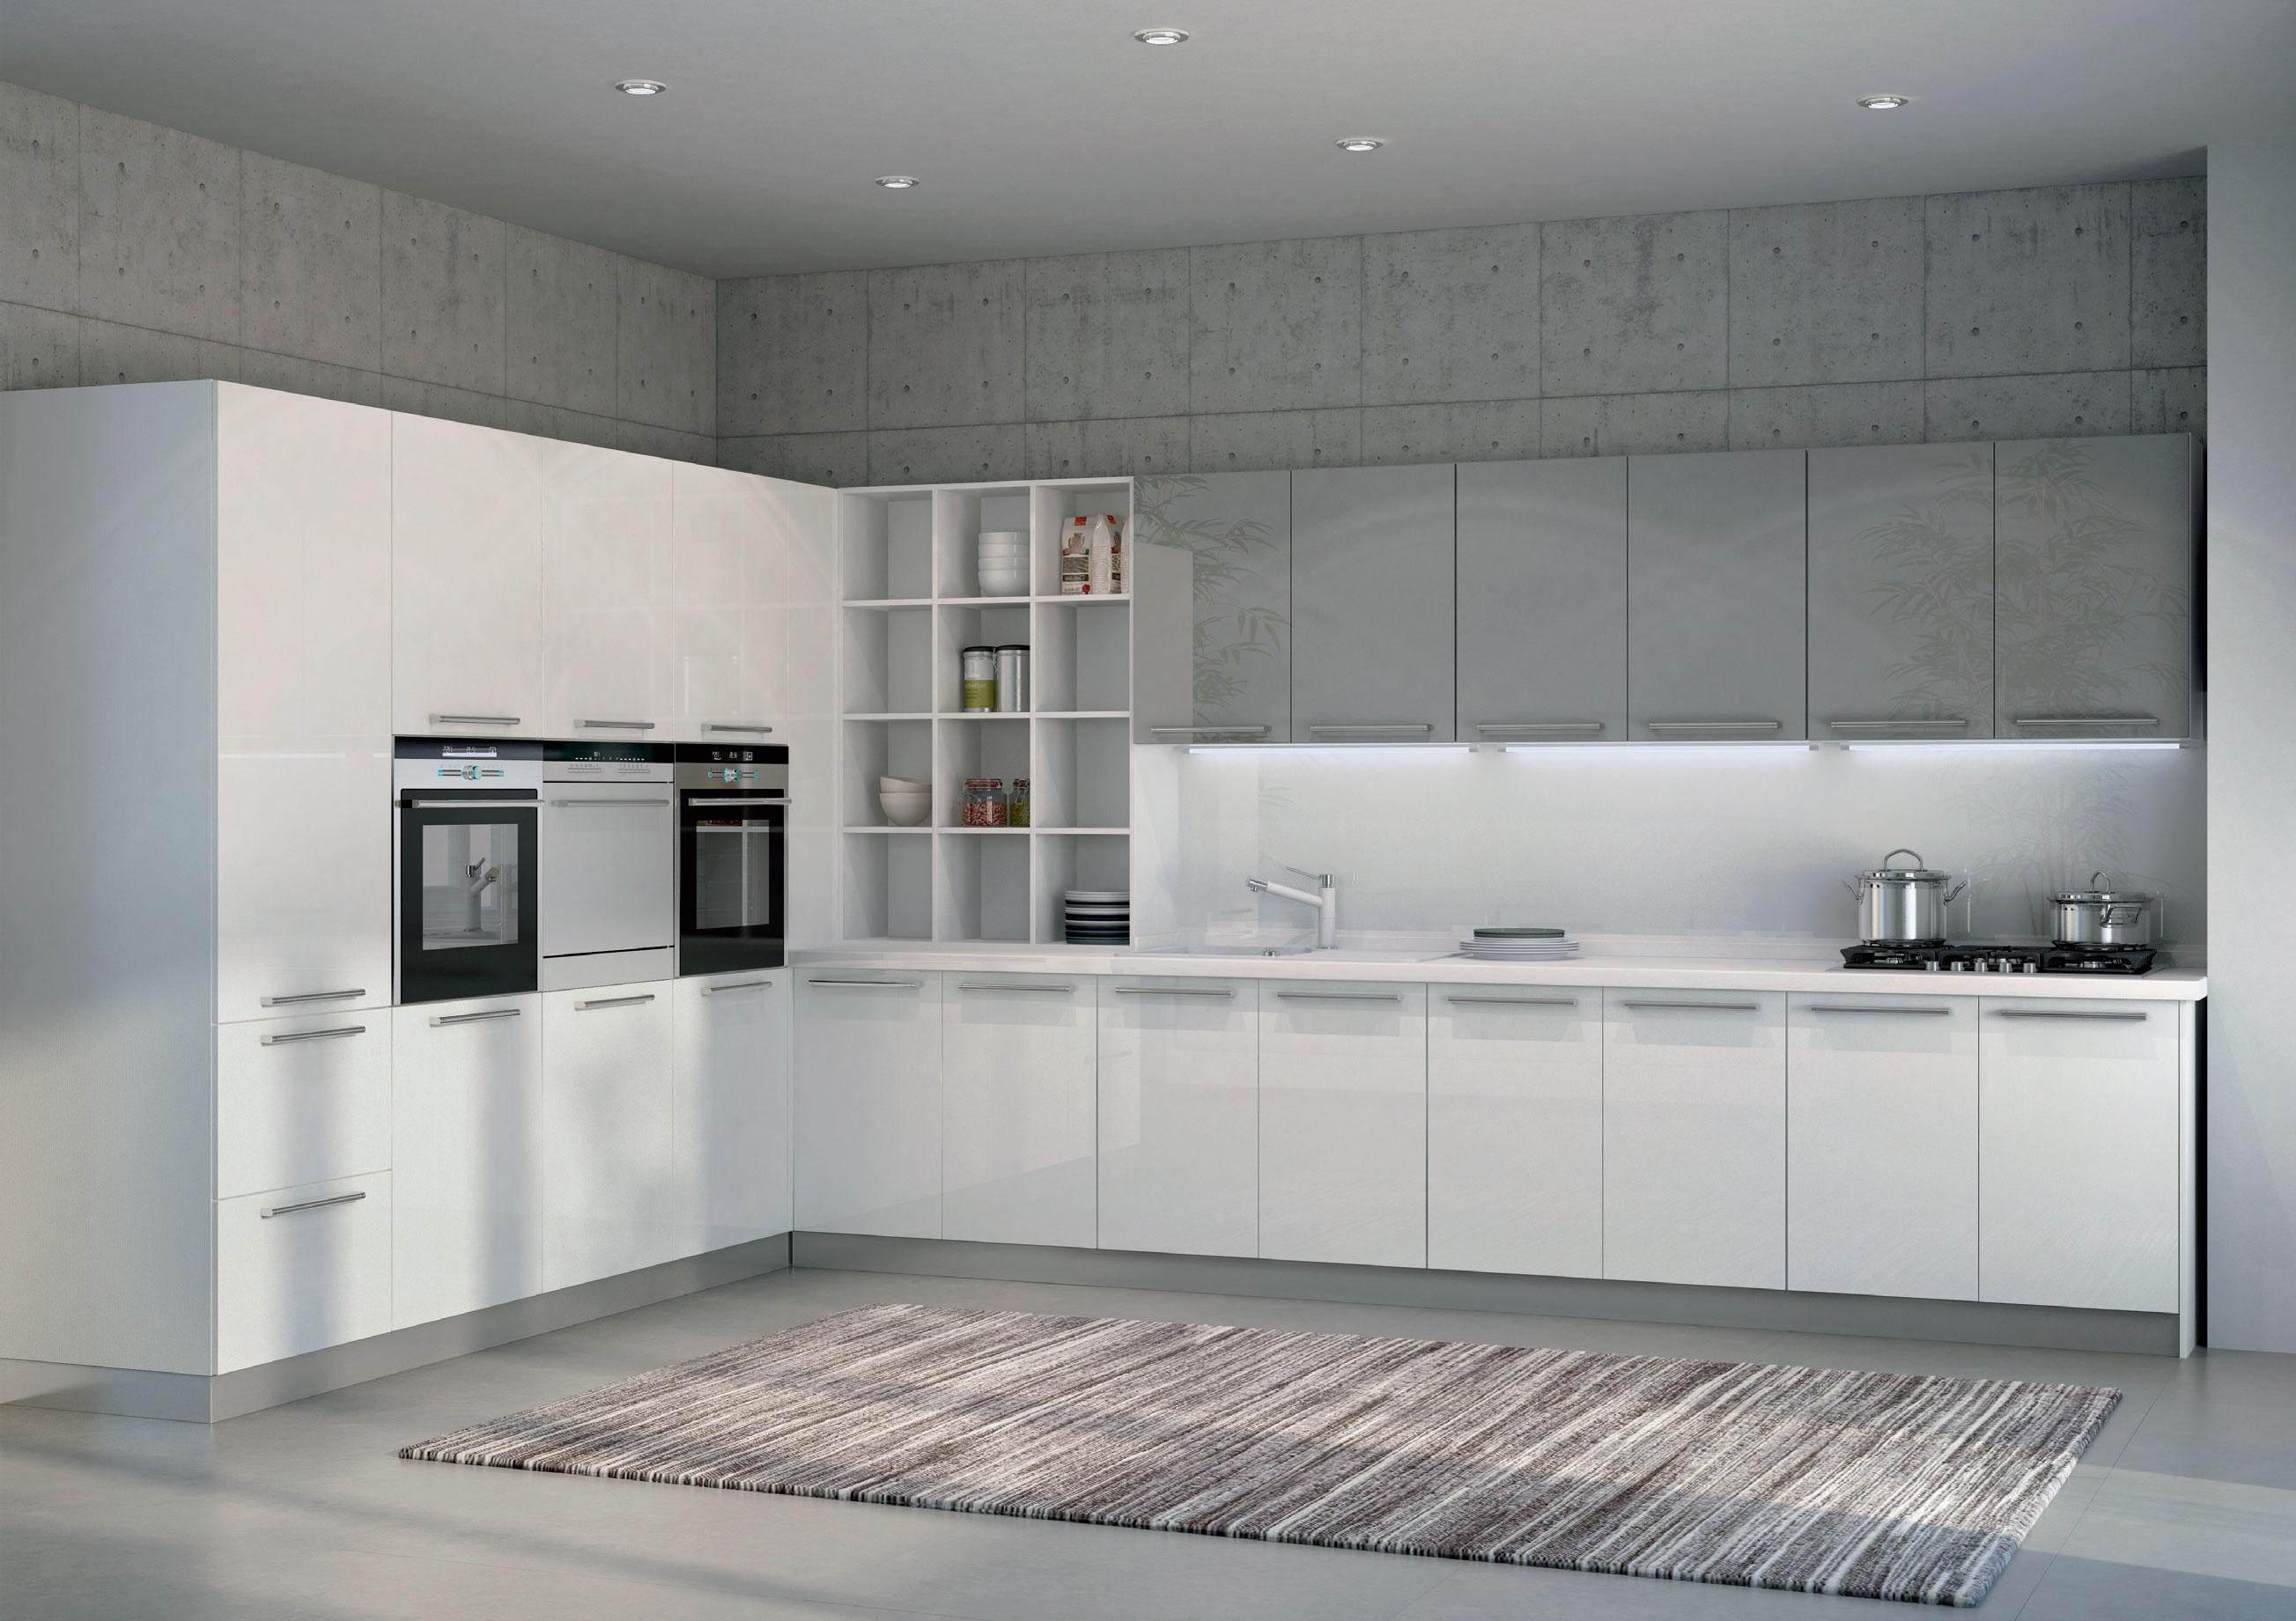 Arredamento in resina per superfici moderne e ricercate - Resina parete cucina ...